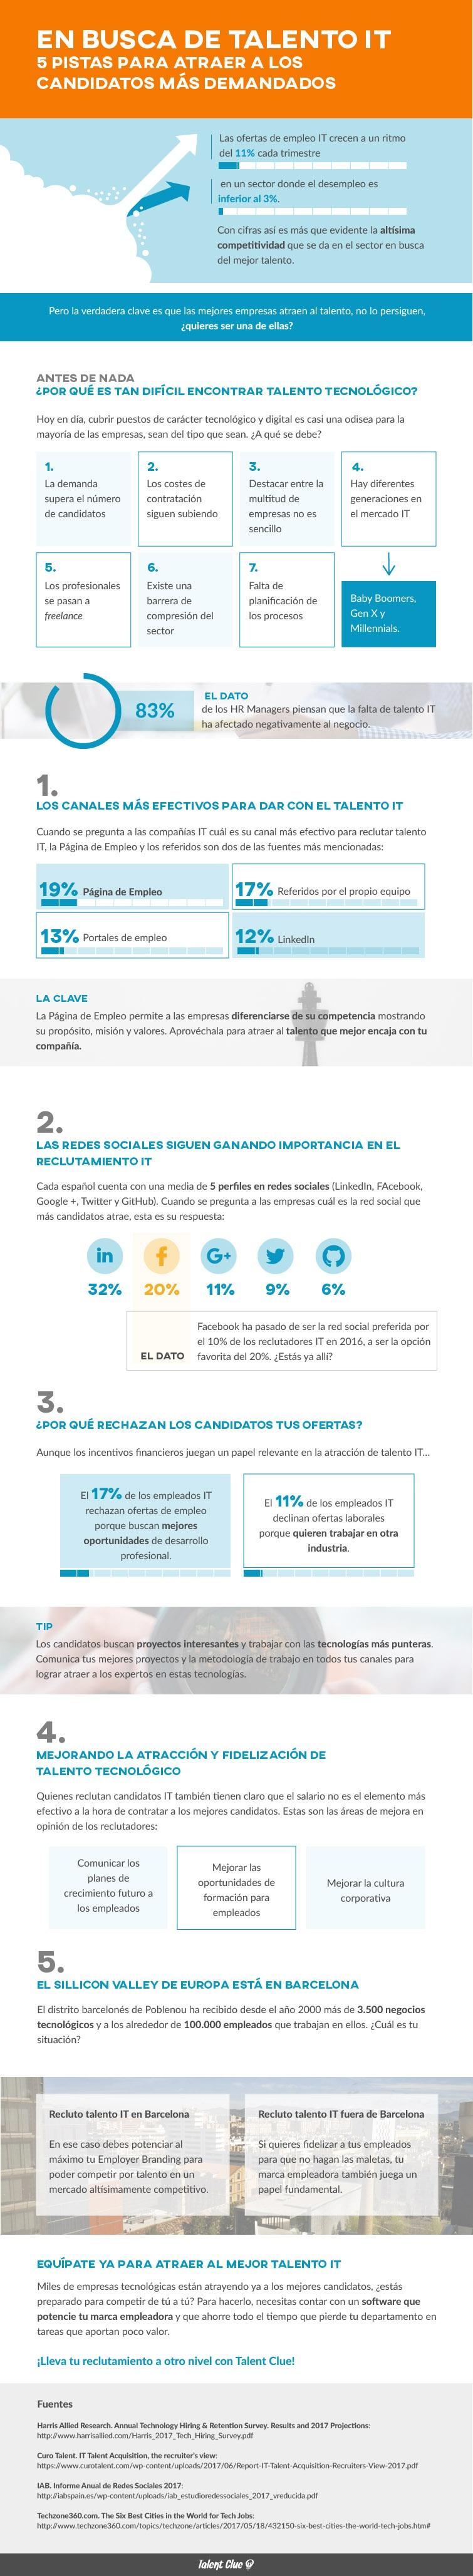 5 pistas para atraer al talento IT más demandado #infografia #infographic #rrhh